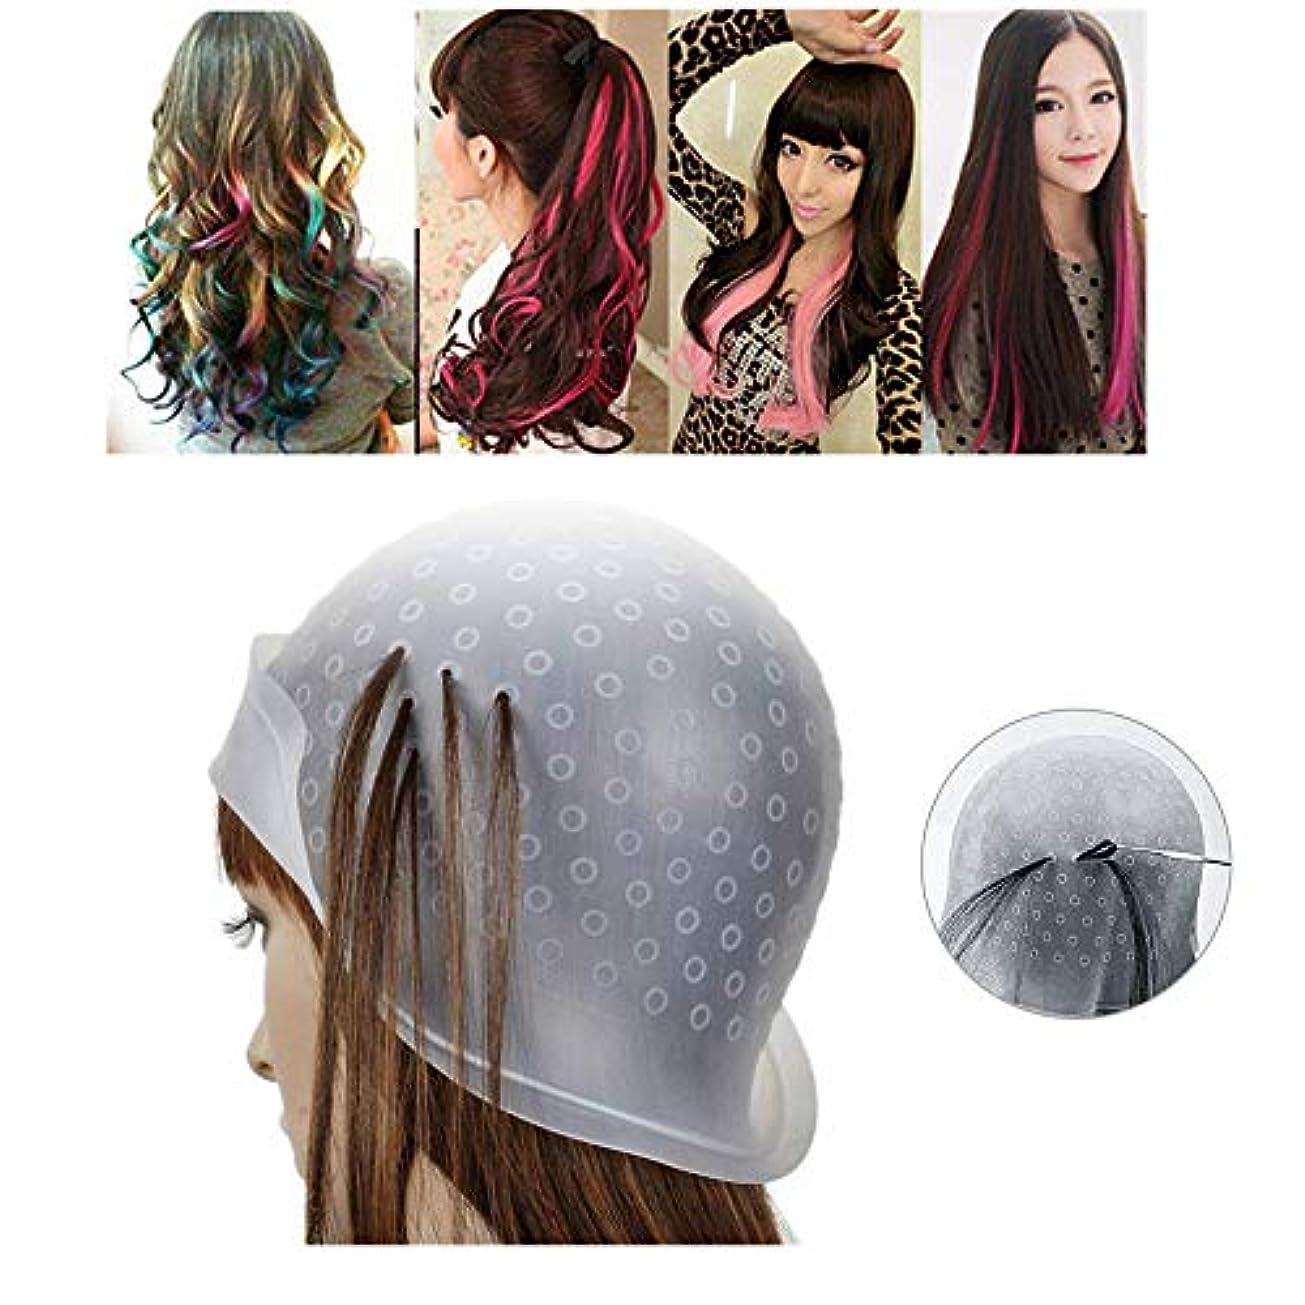 ゼリーラダ剥ぎ取るメッシュキャップ ヘアカラー 毛染めキャップ 髪染め用 洗って使える ヘアカラー メッシュ 用 シリコン ヘアキャップ カラーリング 不要な染めを避ける 透明